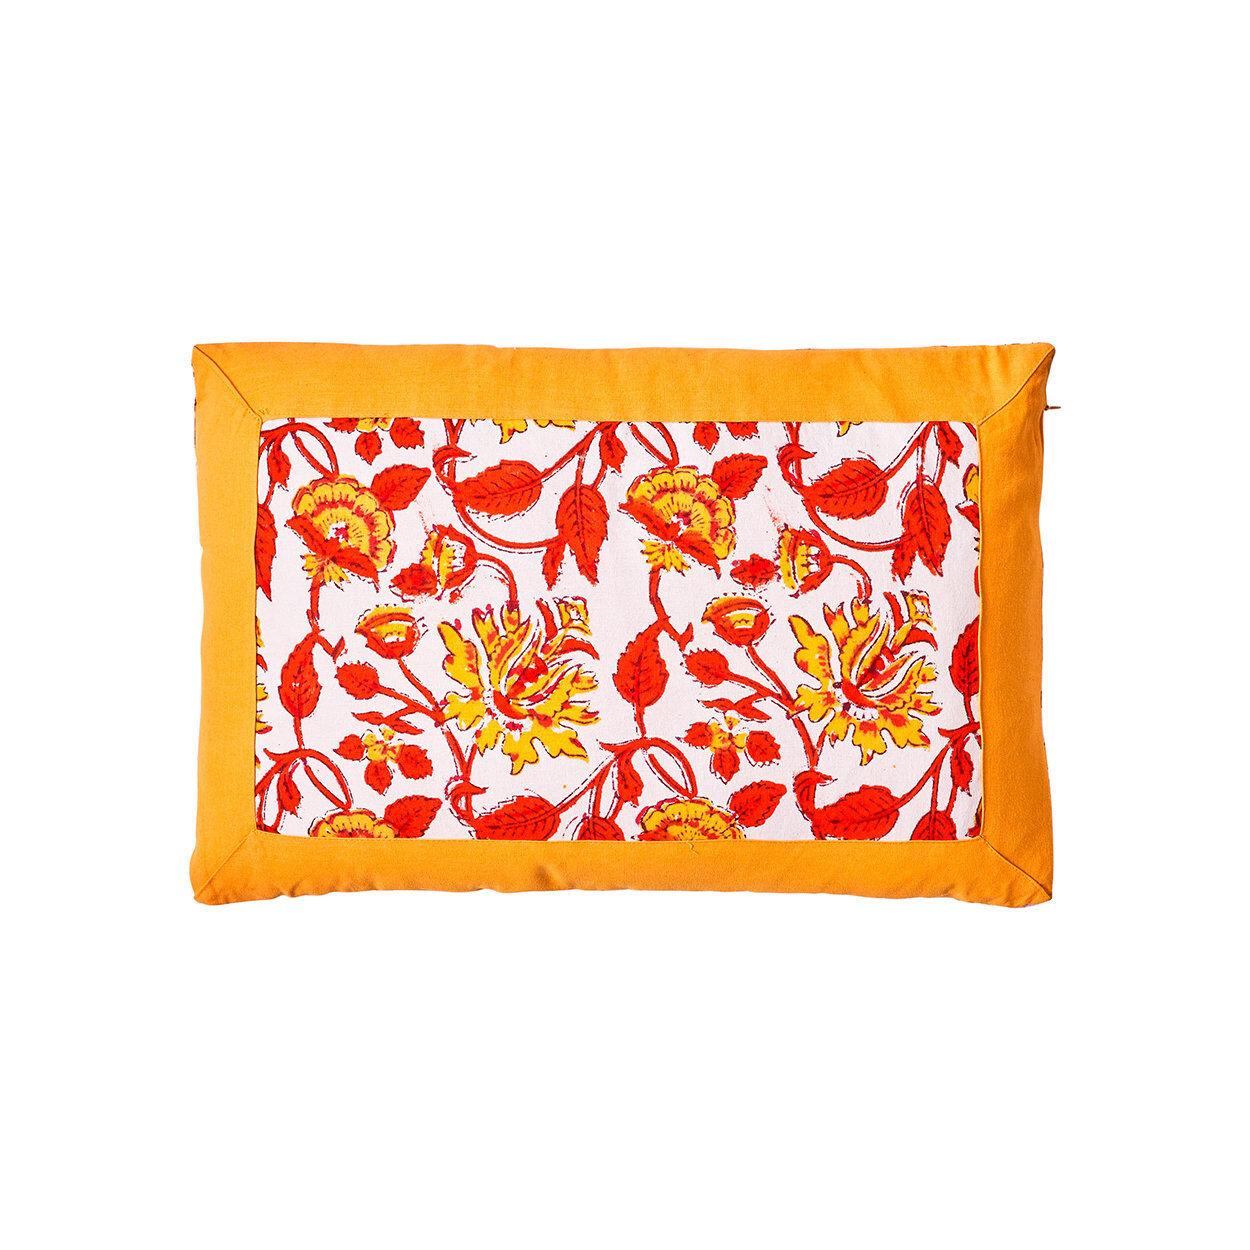 novità home cuscino san vito lo capo 30x45, giallo,arancione